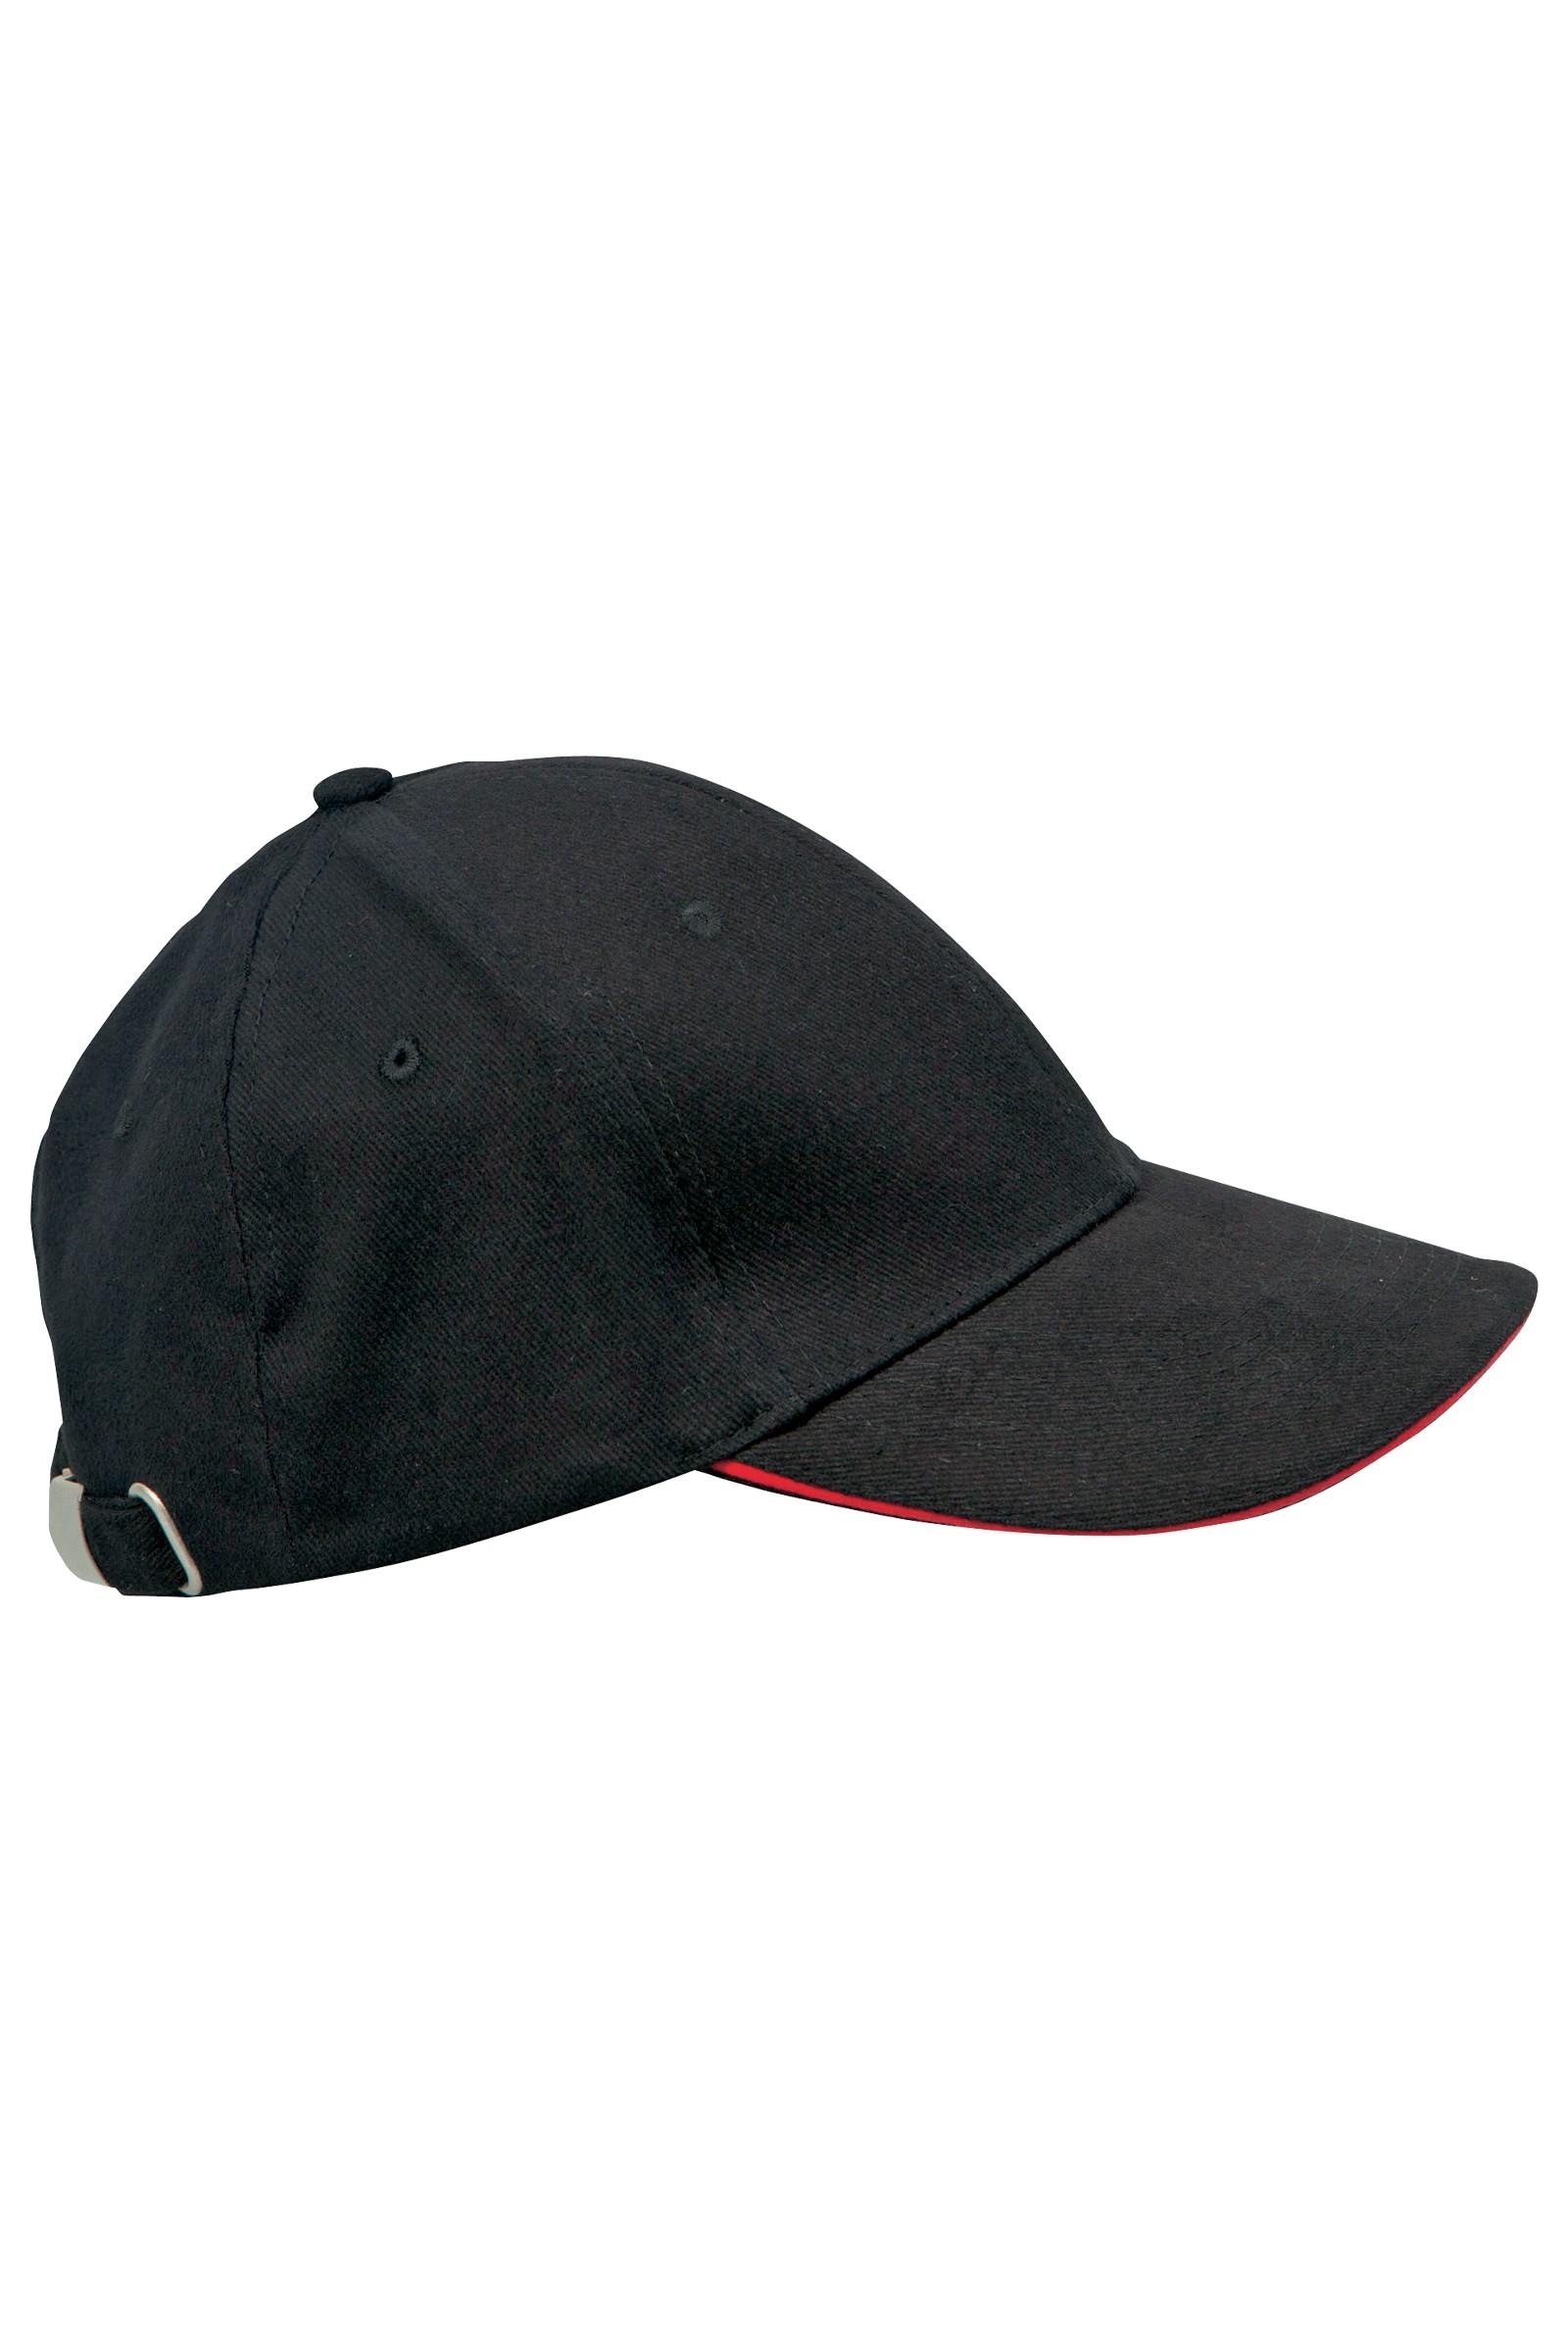 Casko casquette noir for Cuisinier chapeau noir